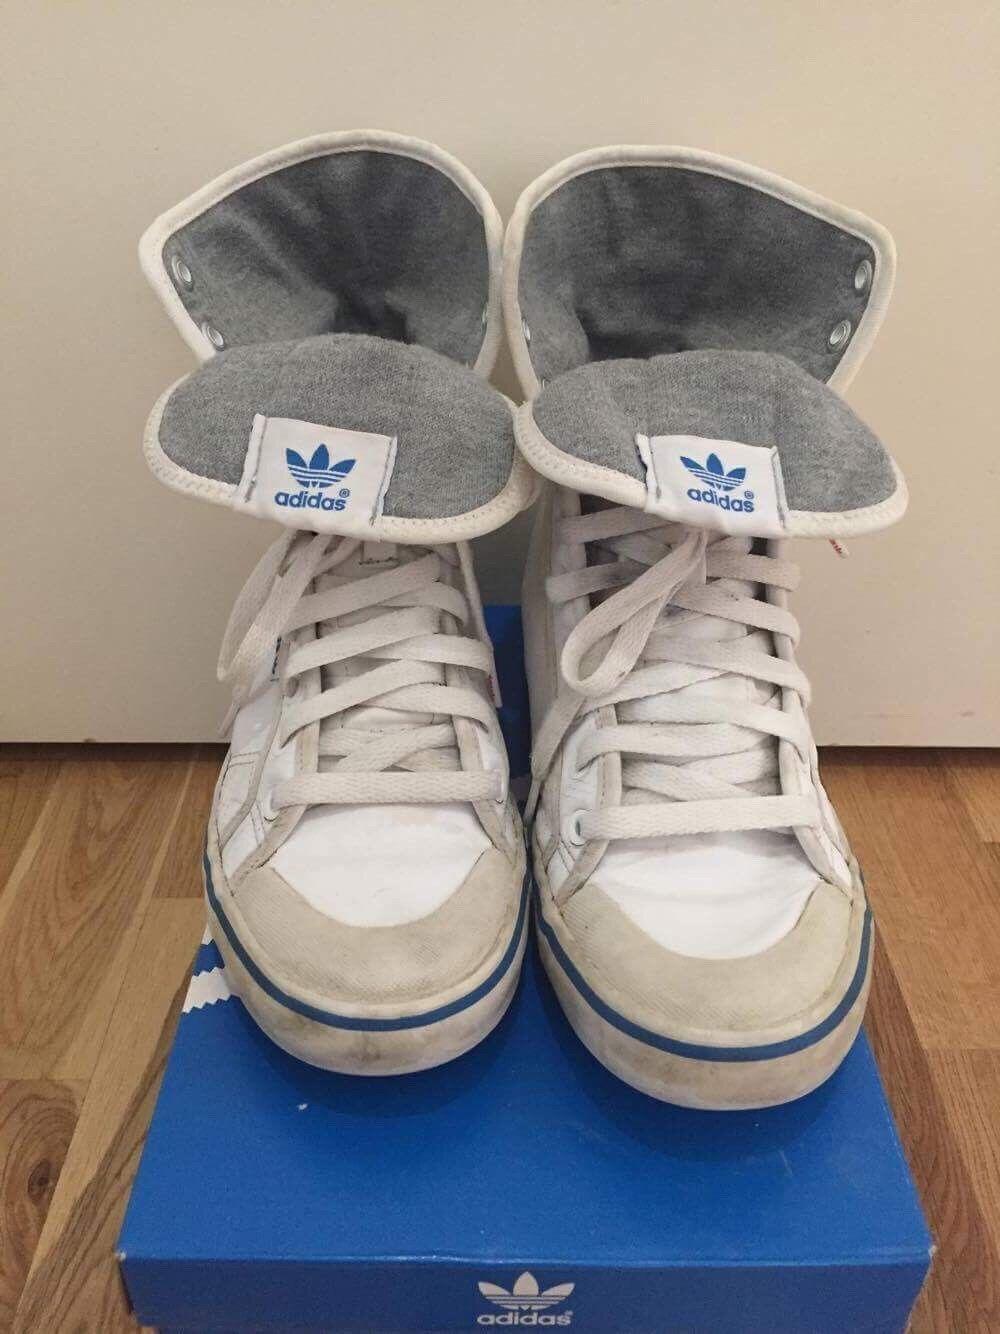 Adidas formatori dimensioni 6 | Nuovo  | Uomini/Donna Uomini/Donna Uomini/Donna Scarpa  24f10e